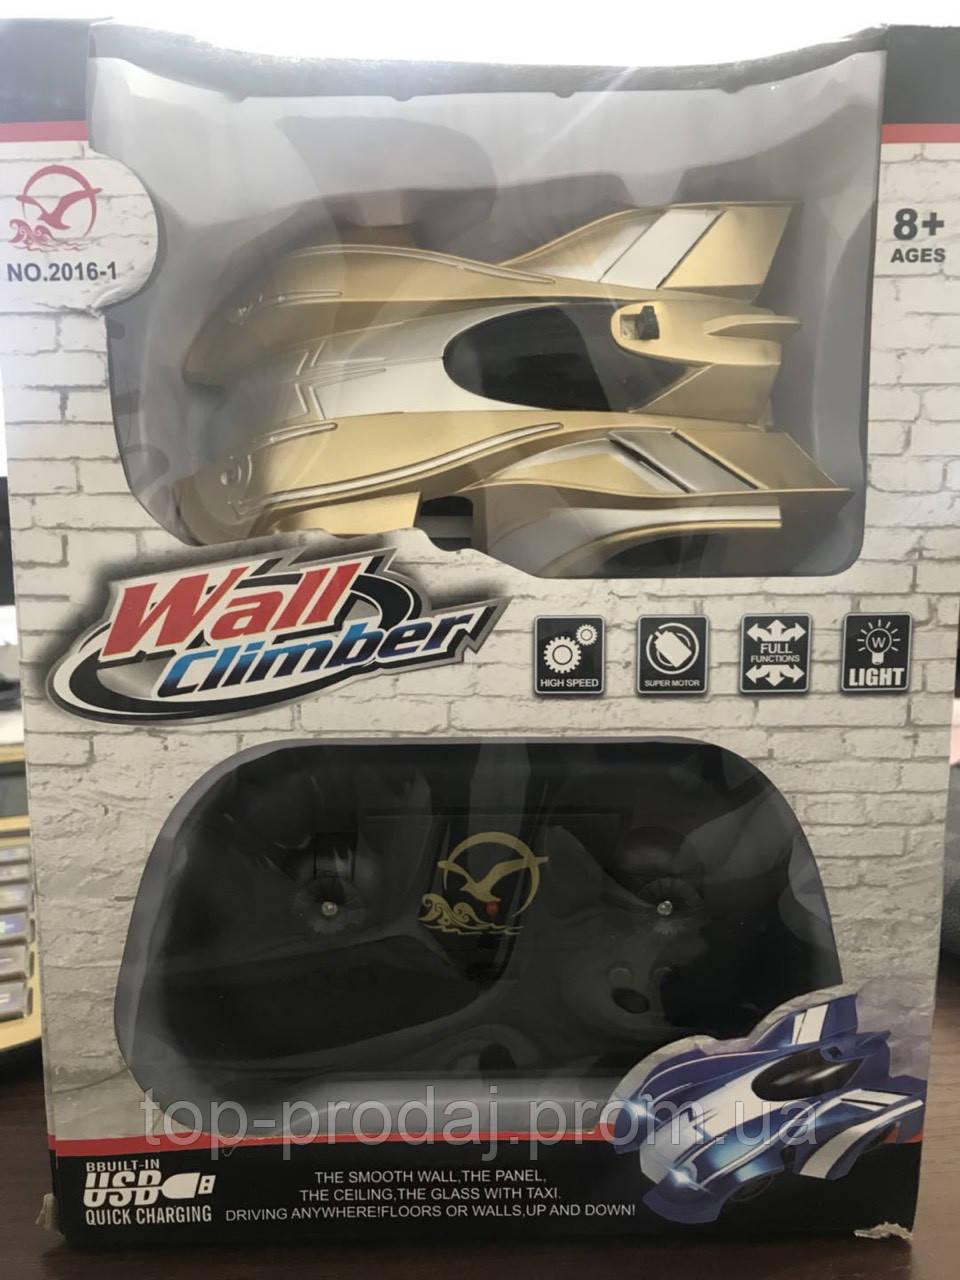 Toy CAR WALL CLIMBER 2016-1, Радиоуправляемая машинка, Машинка антигравитационная едет по стенам и потолку